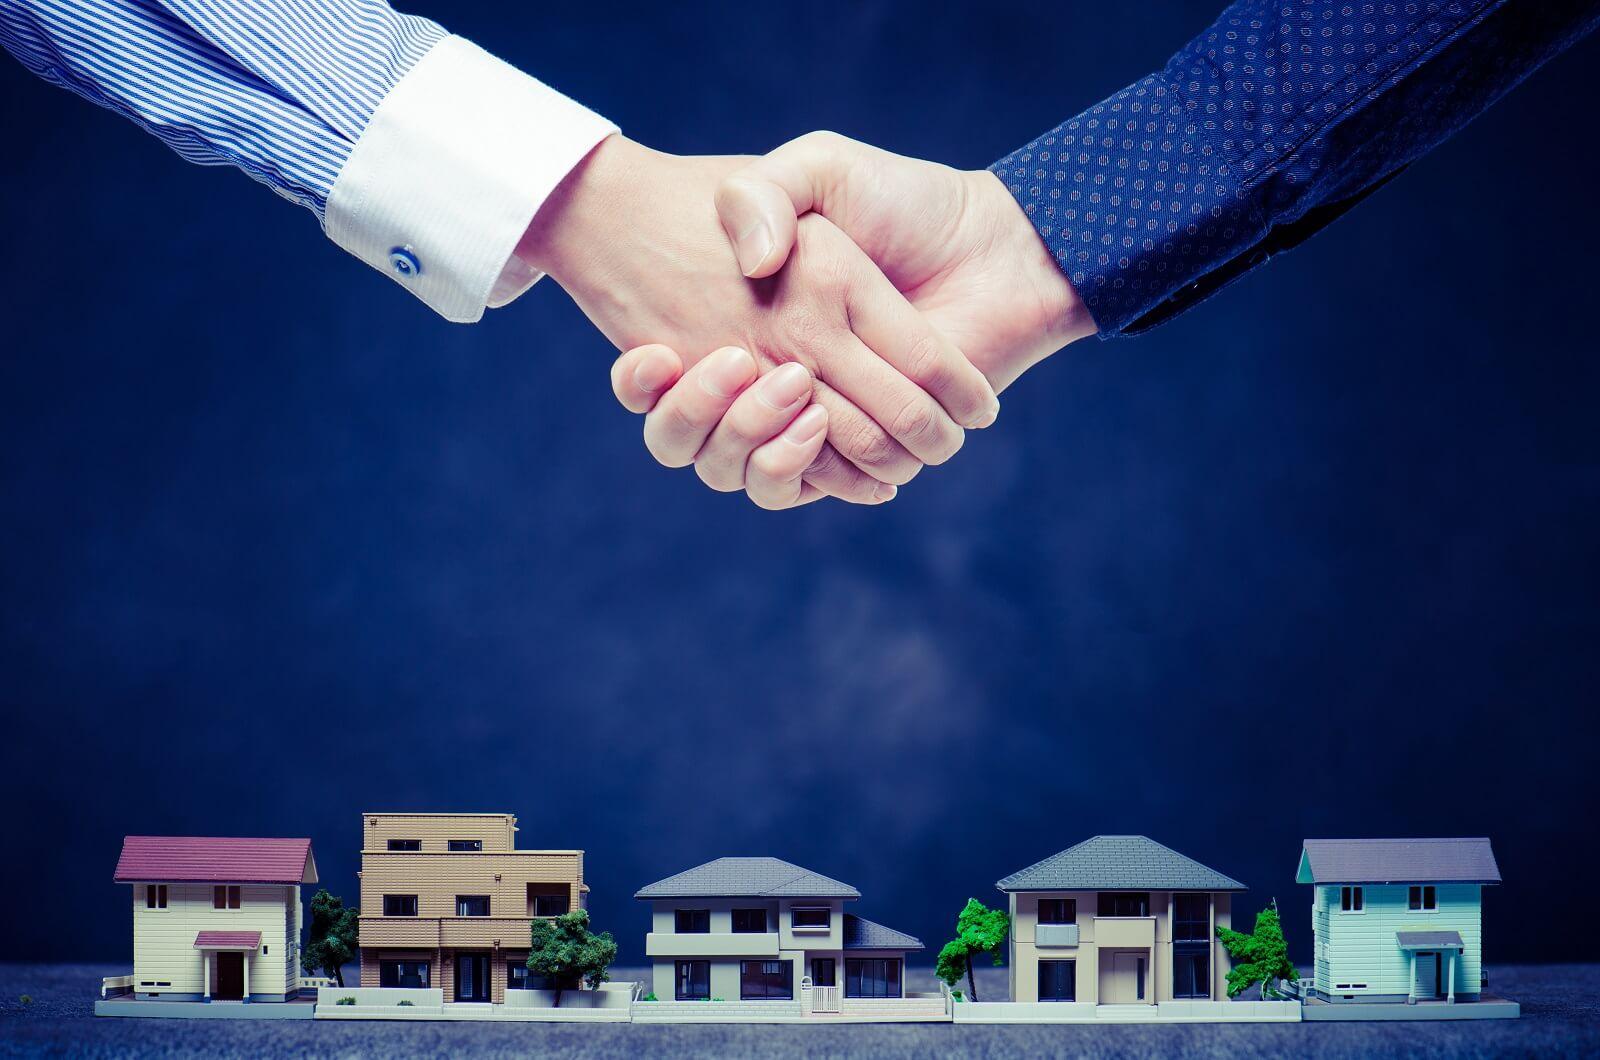 家賃保証のような魅力的なサービスこそ投資家にとって最大のリスク